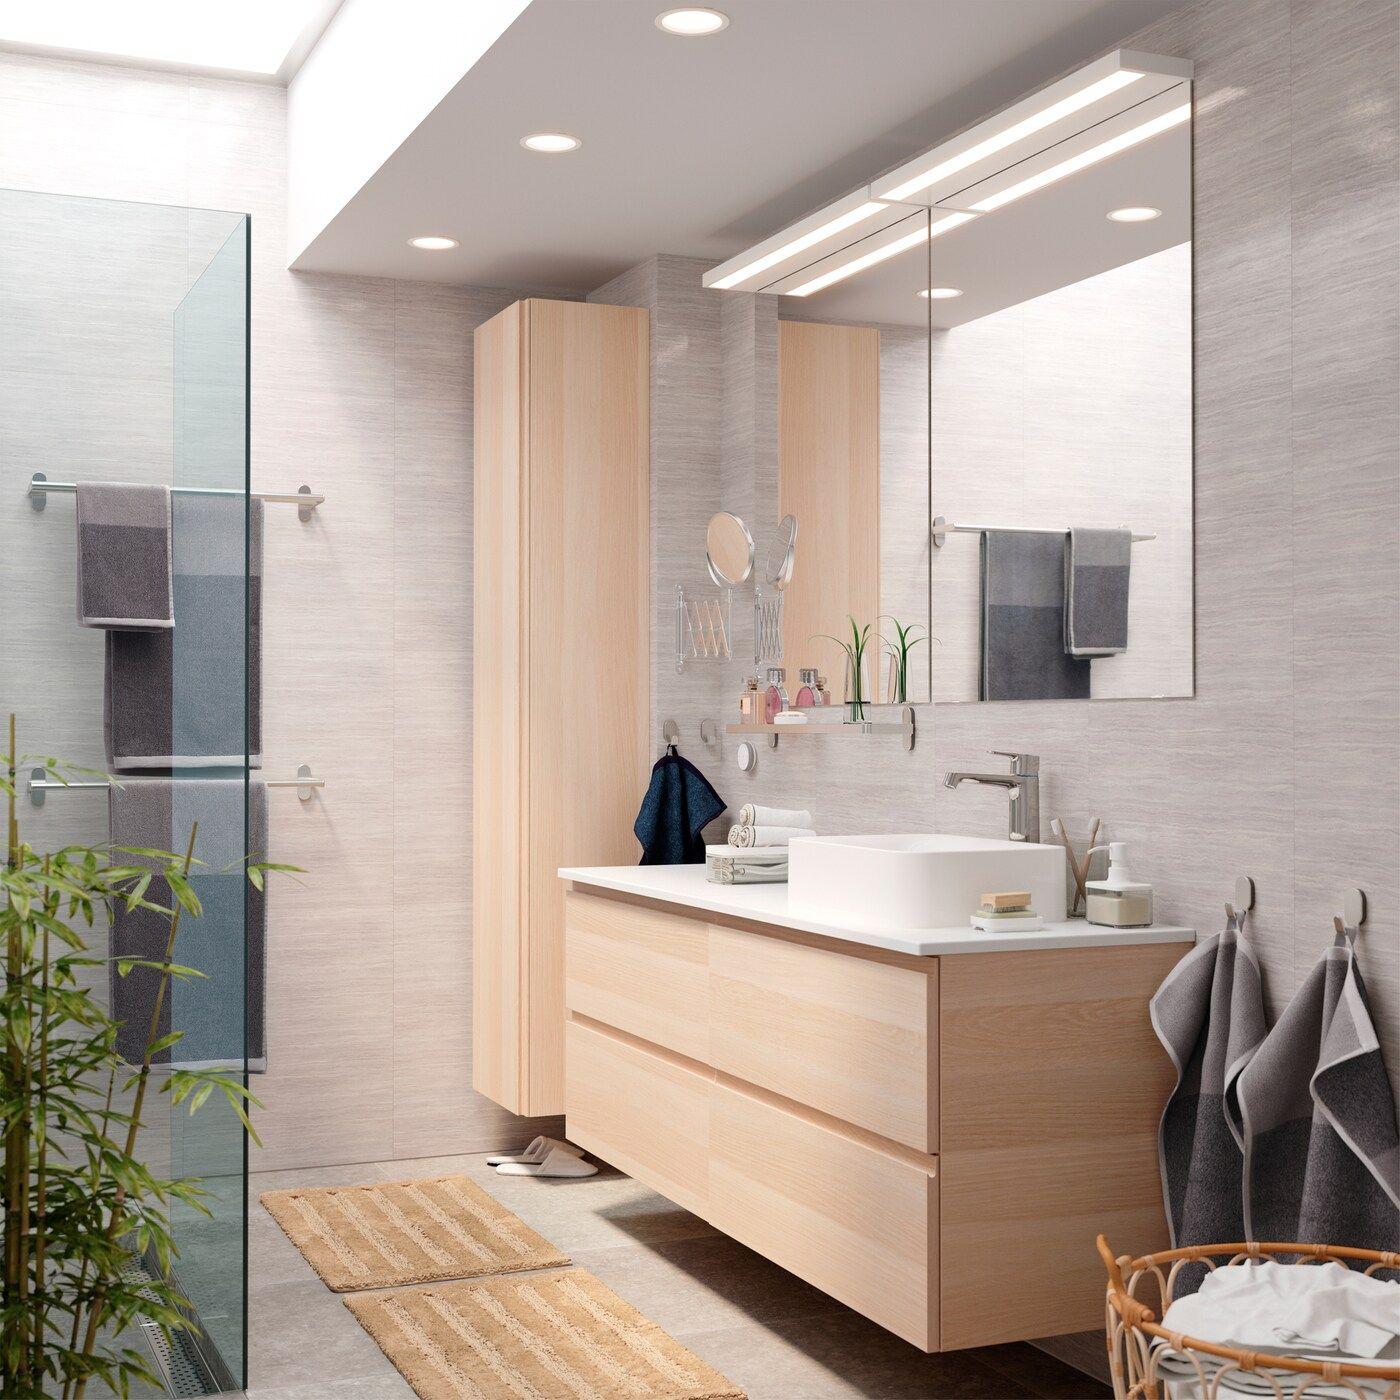 Les Secrets D Une Salle De Bain Bien Rangee In 2020 Badezimmer Inspiration Badezimmer Badezimmer Einrichtung